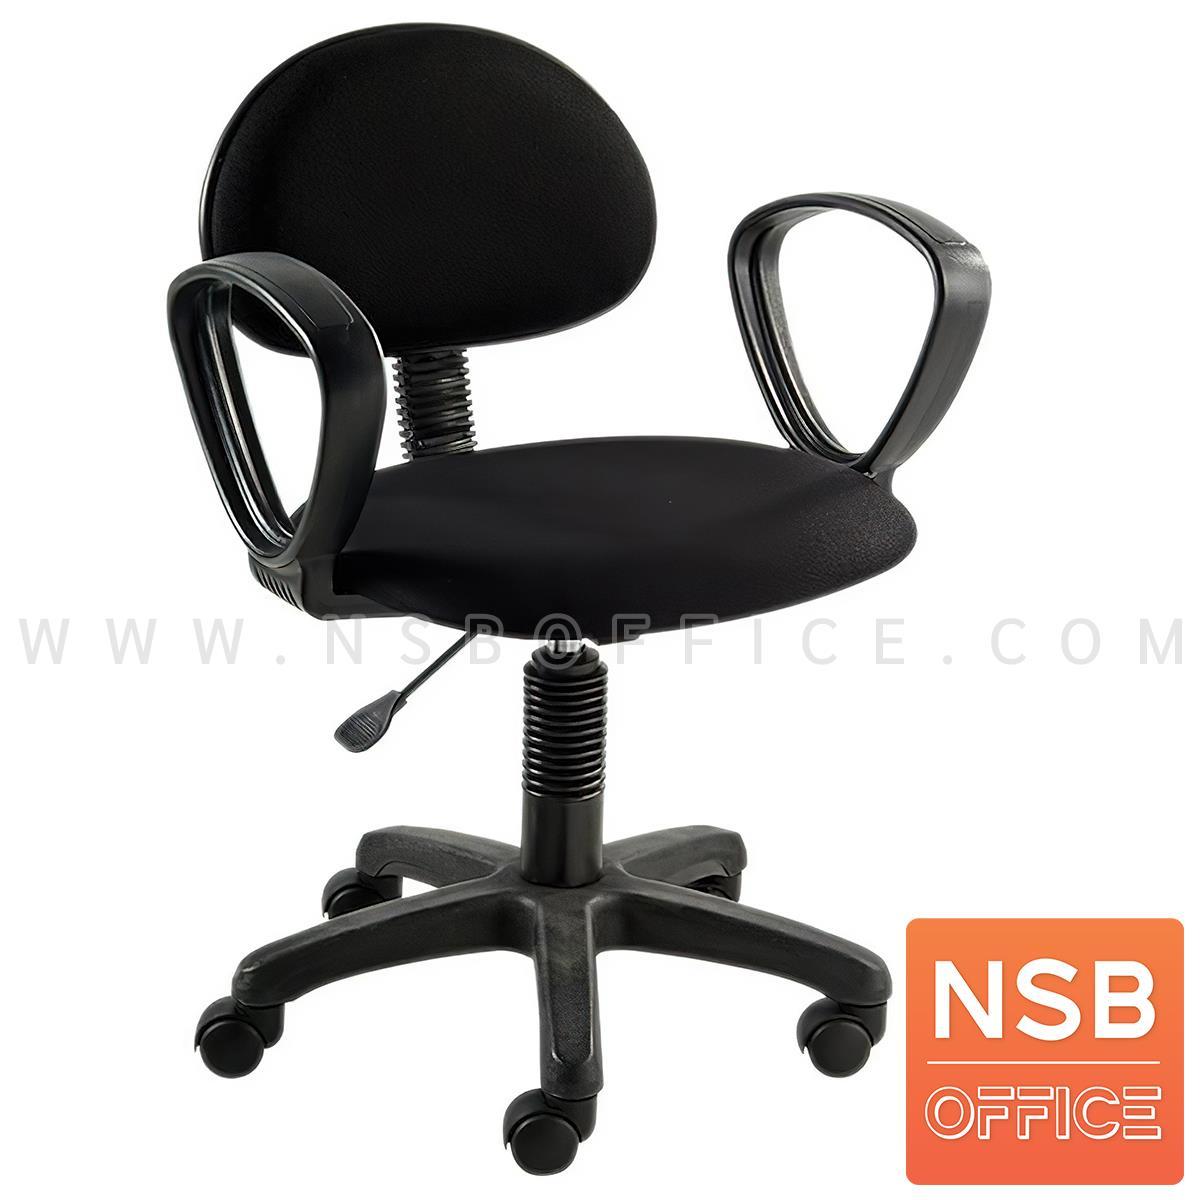 เก้าอี้สำนักงาน รุ่น Blackrock (แบล็คร็อค)  ปรับระดับสูง-ต่ำได้ ขาพลาสติก